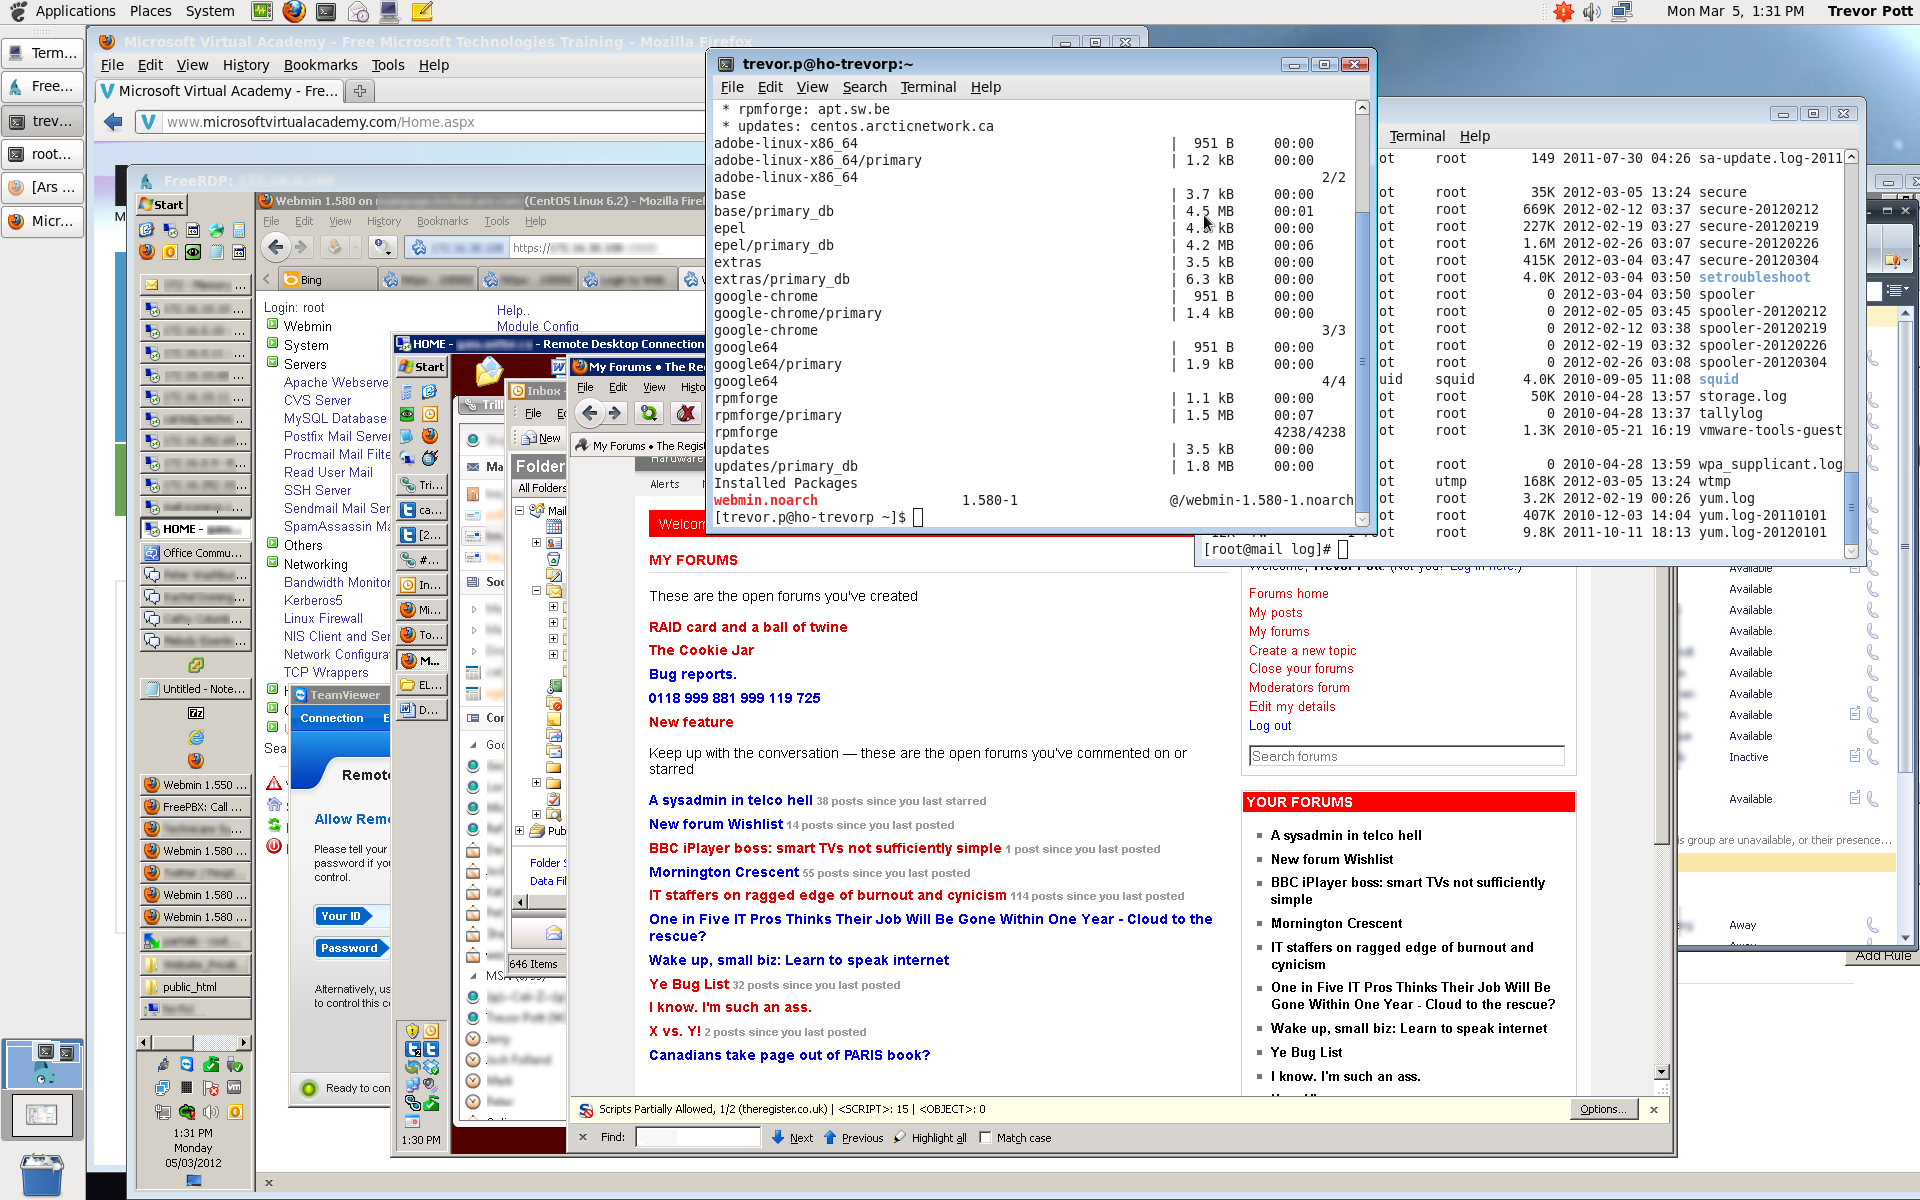 win8_desktop_big.png